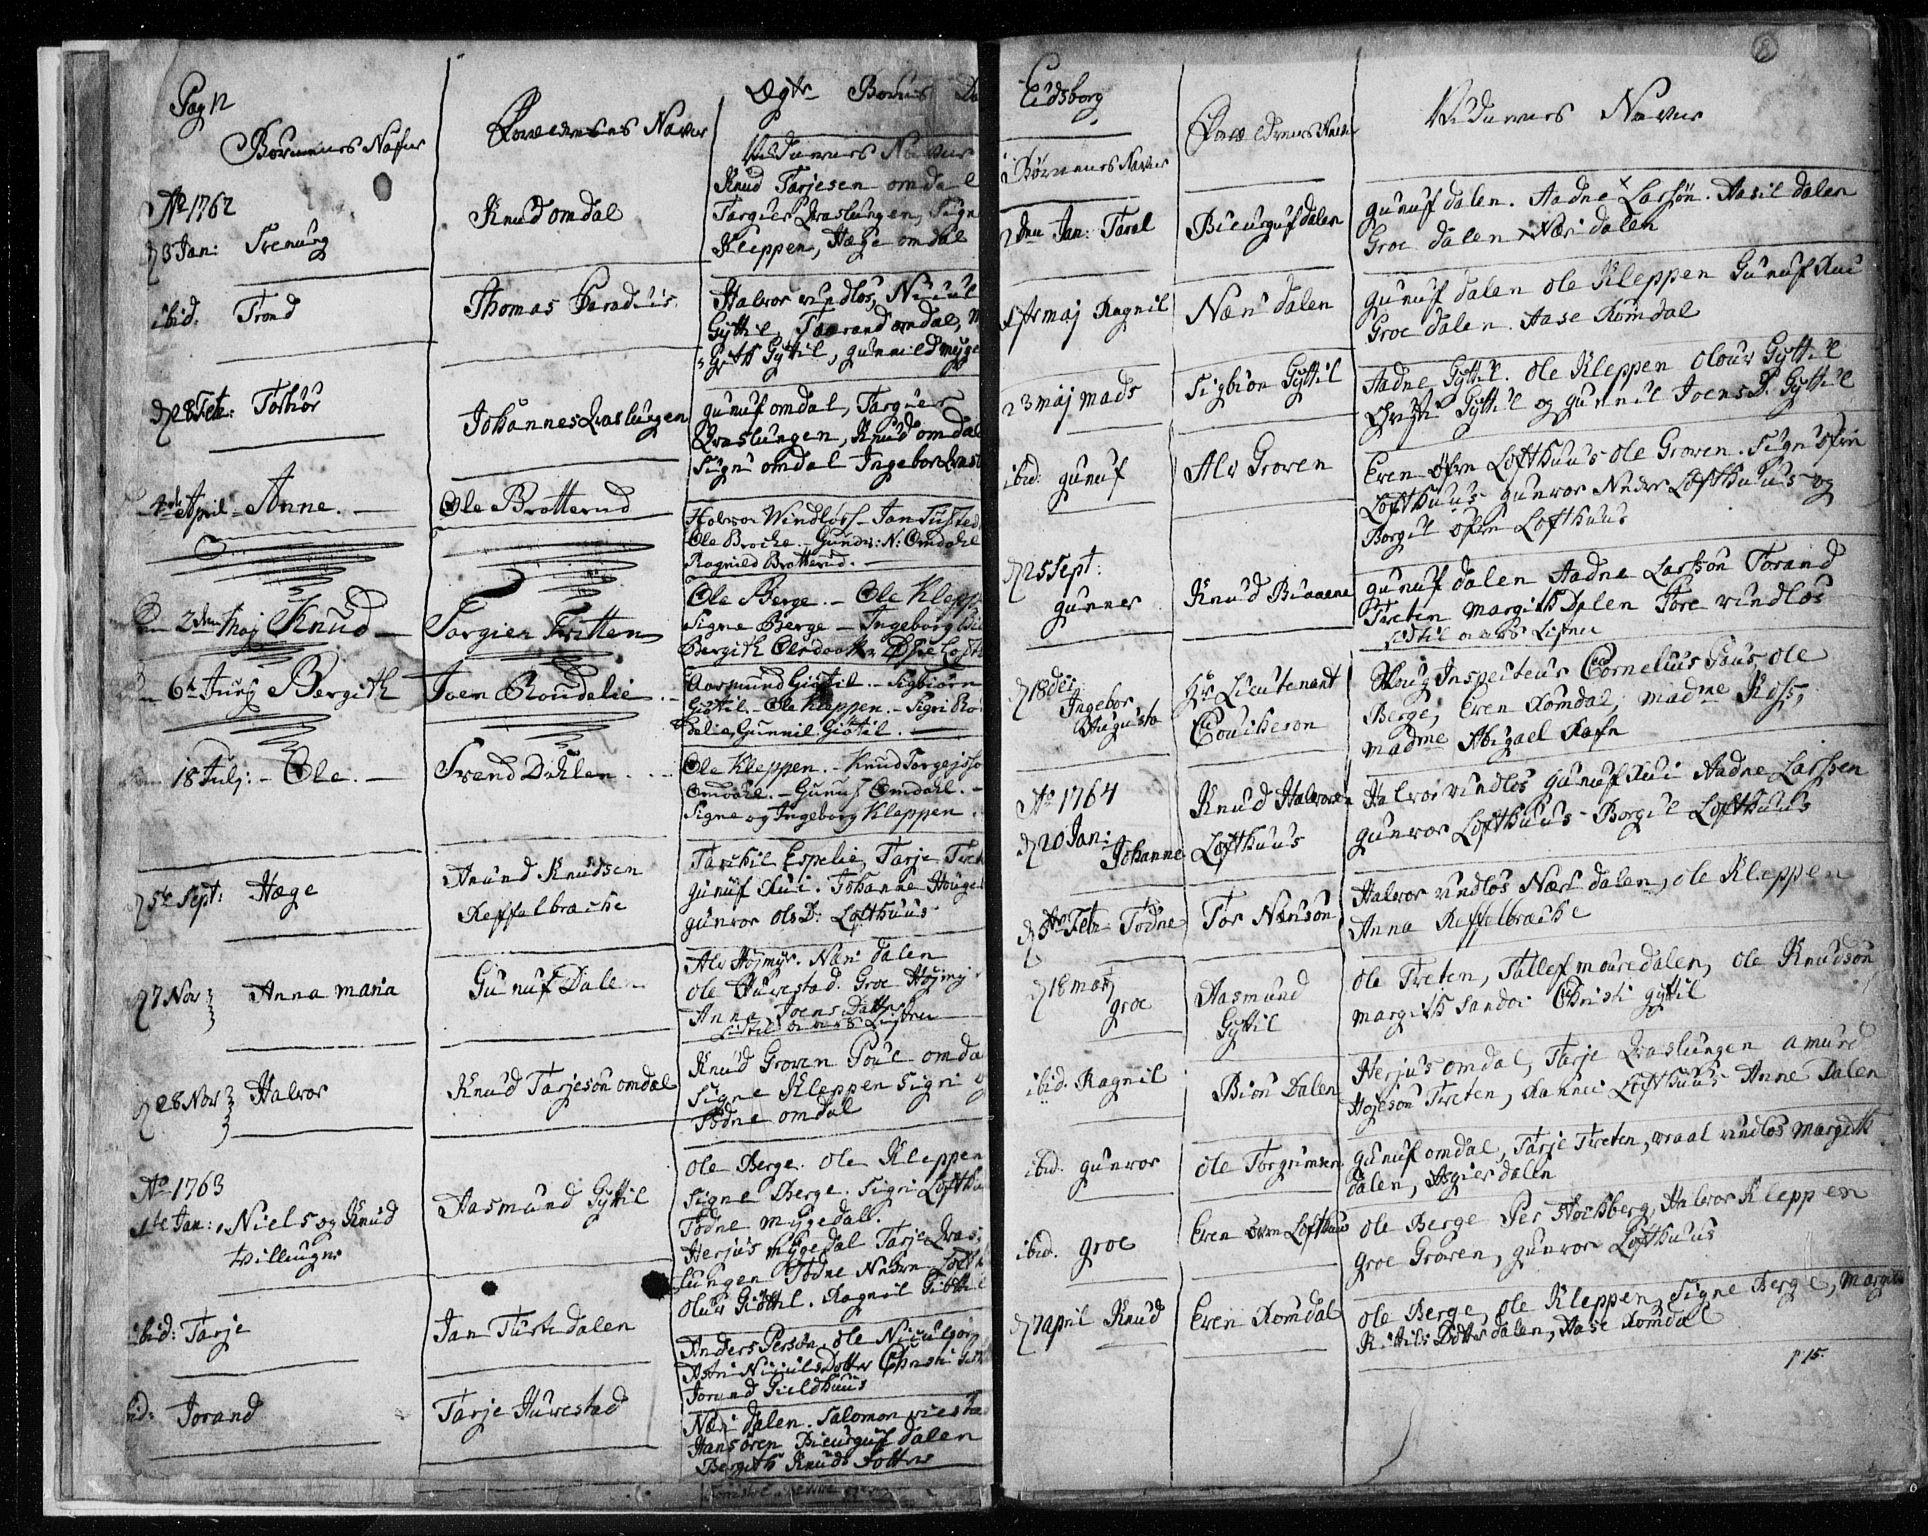 SAKO, Lårdal kirkebøker, F/Fa/L0003: Ministerialbok nr. I 3, 1754-1790, s. 8